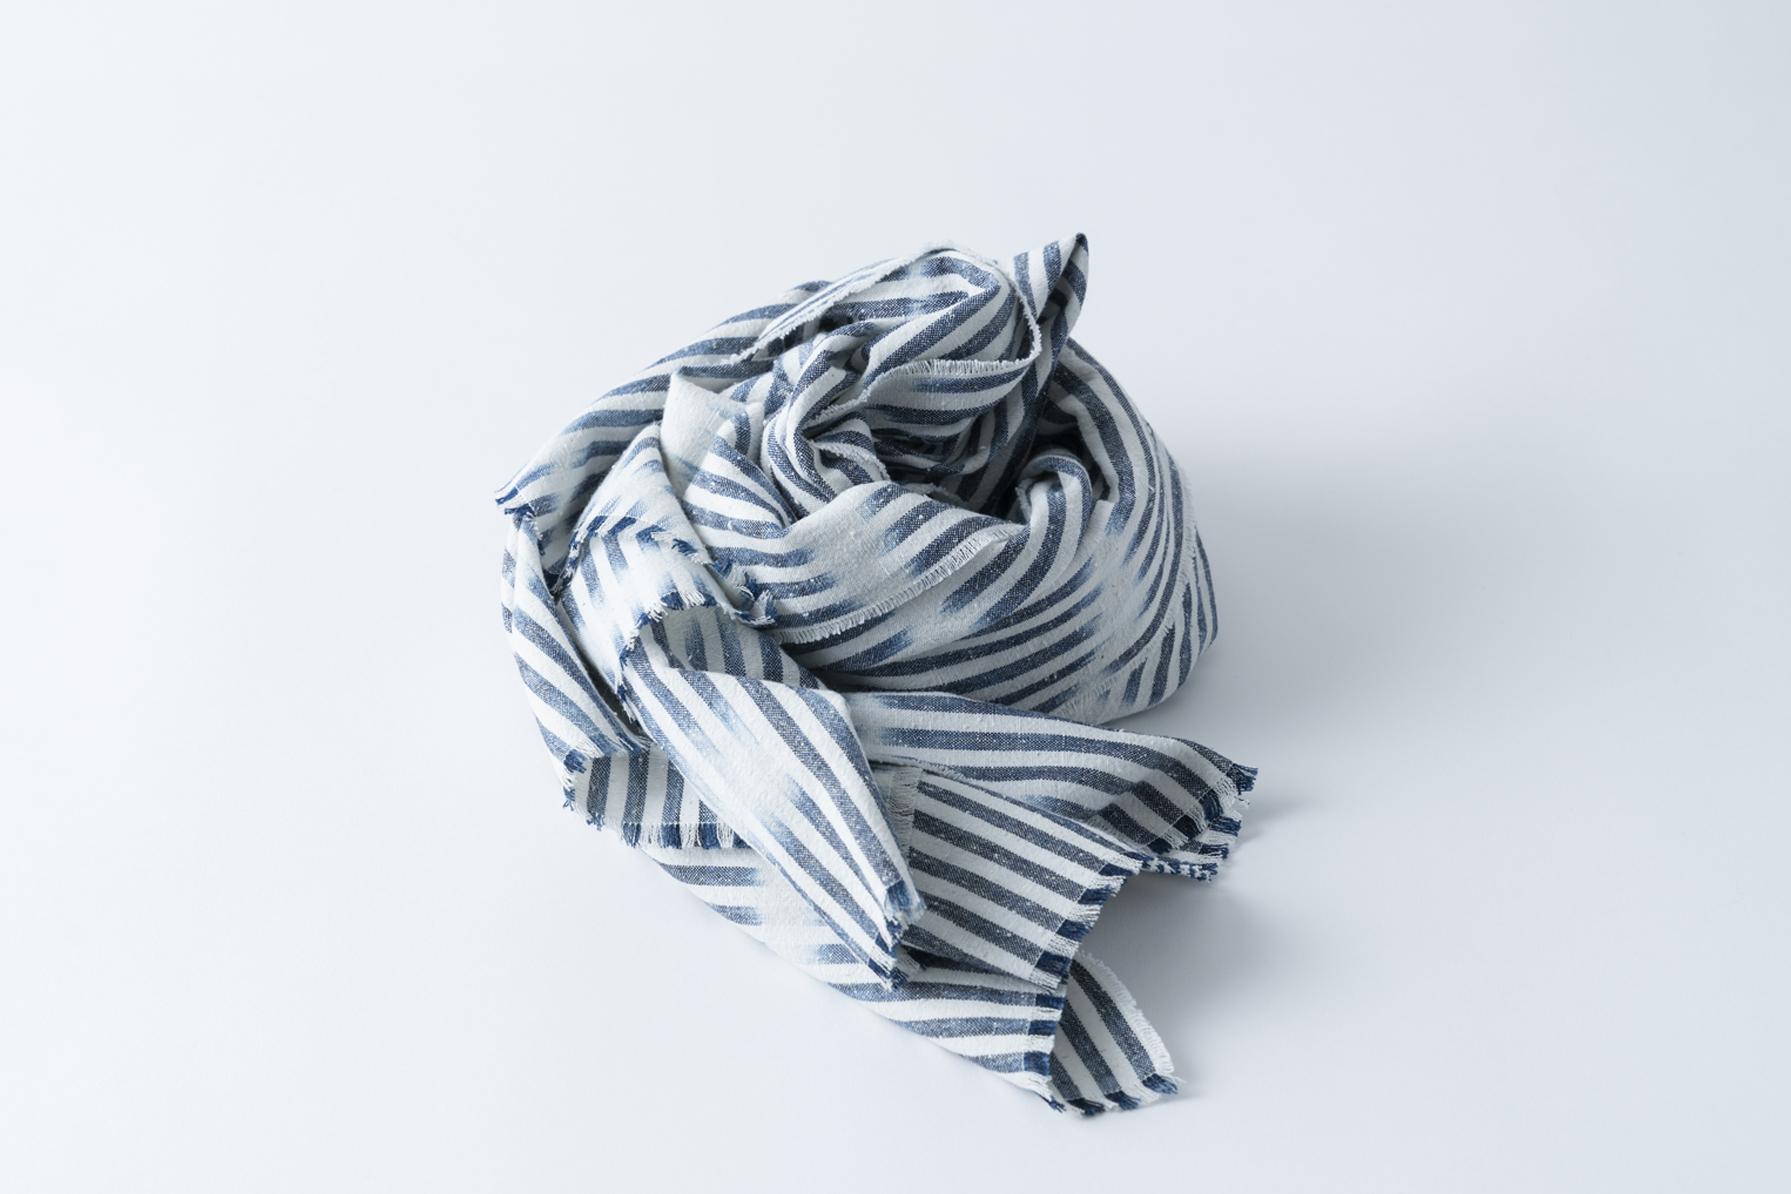 001. 白波 - whitecaps | stole